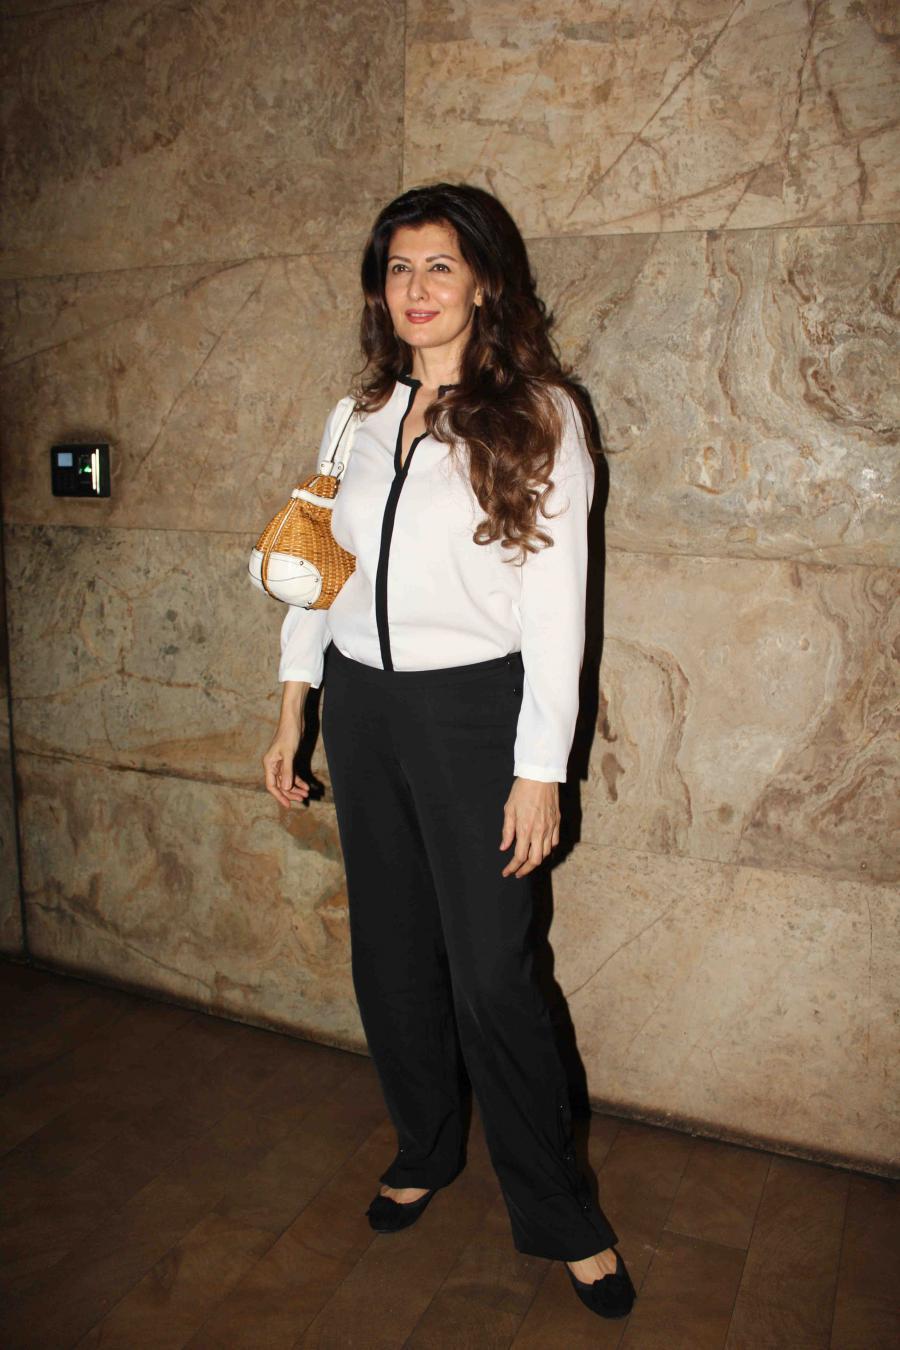 Mumbai Model Sangeeta Bijlani Photos In White Shirt Pant